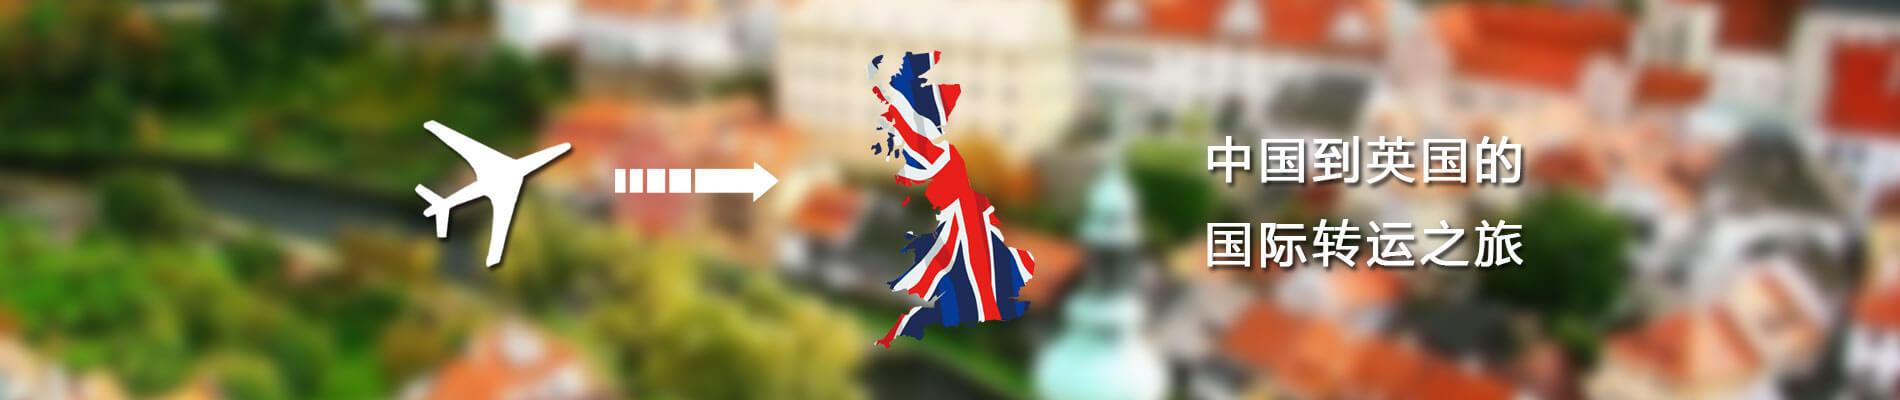 英国专题banner